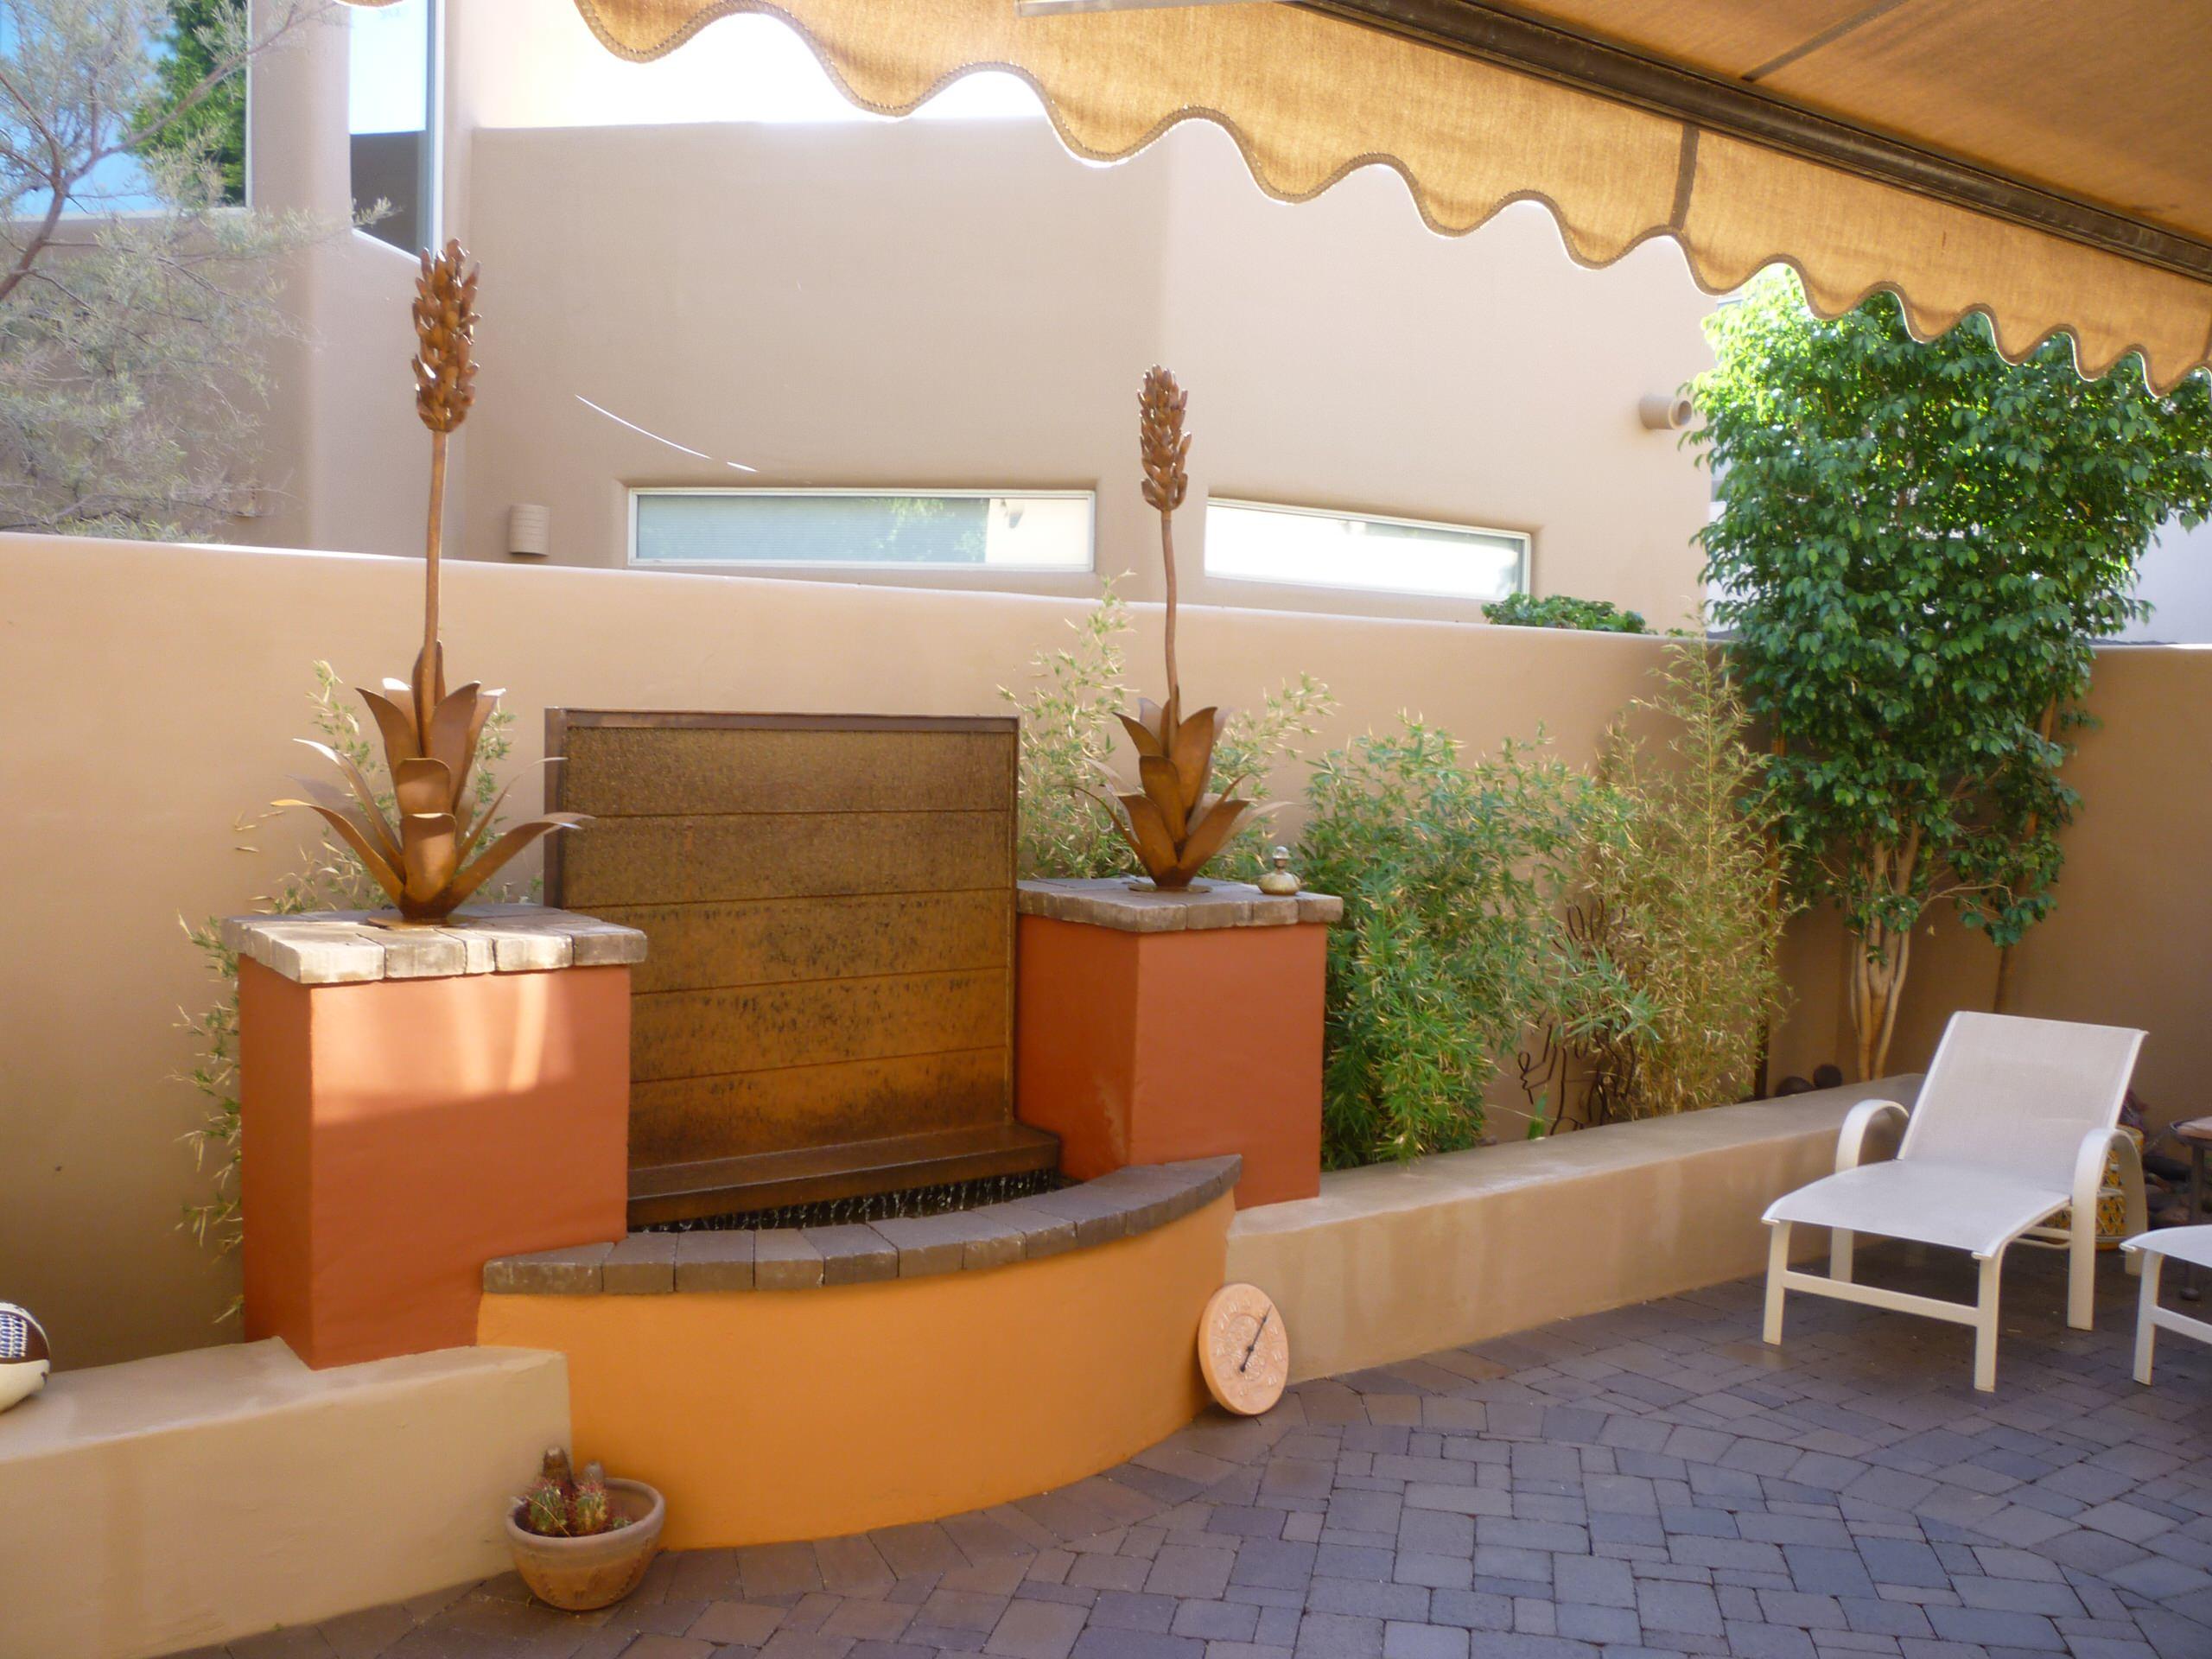 Corten Steel Water Feature w/ Seat Wall